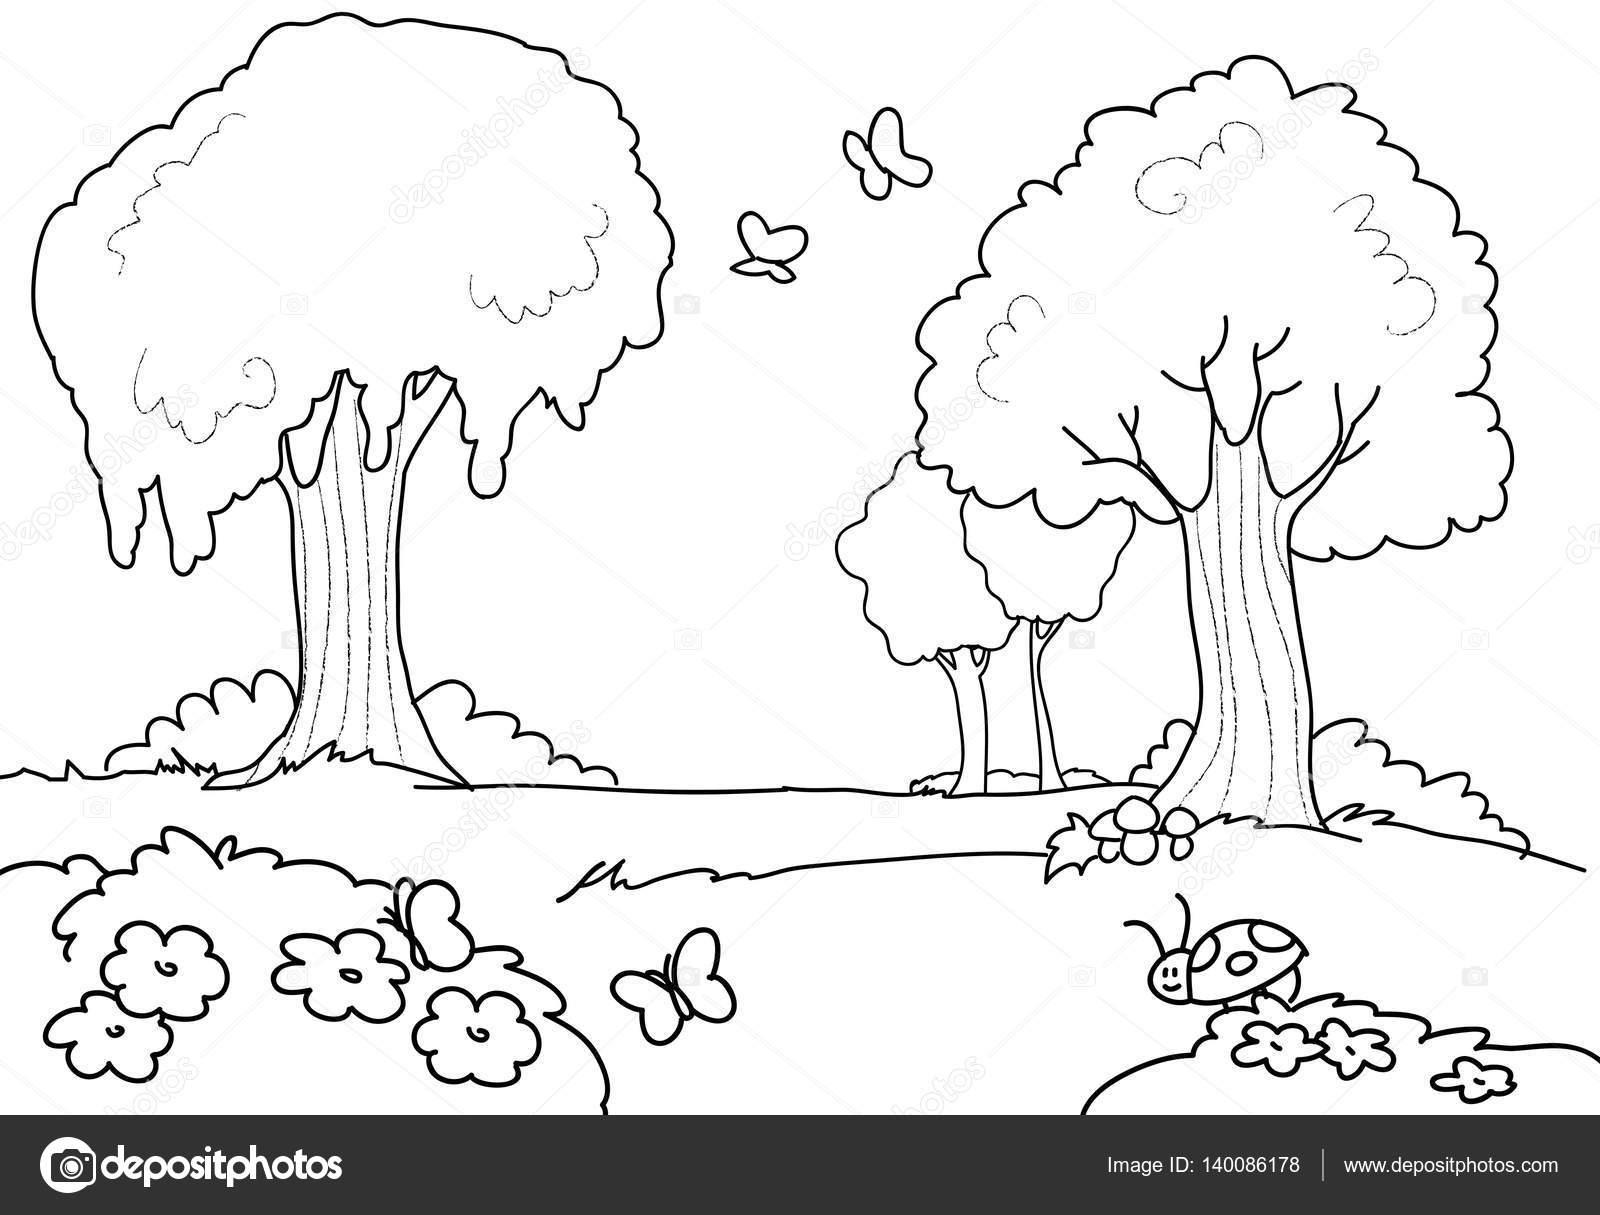 Imagenes De Niños Para Colorear Animados: Dibujos: Arbustos Para Colorear